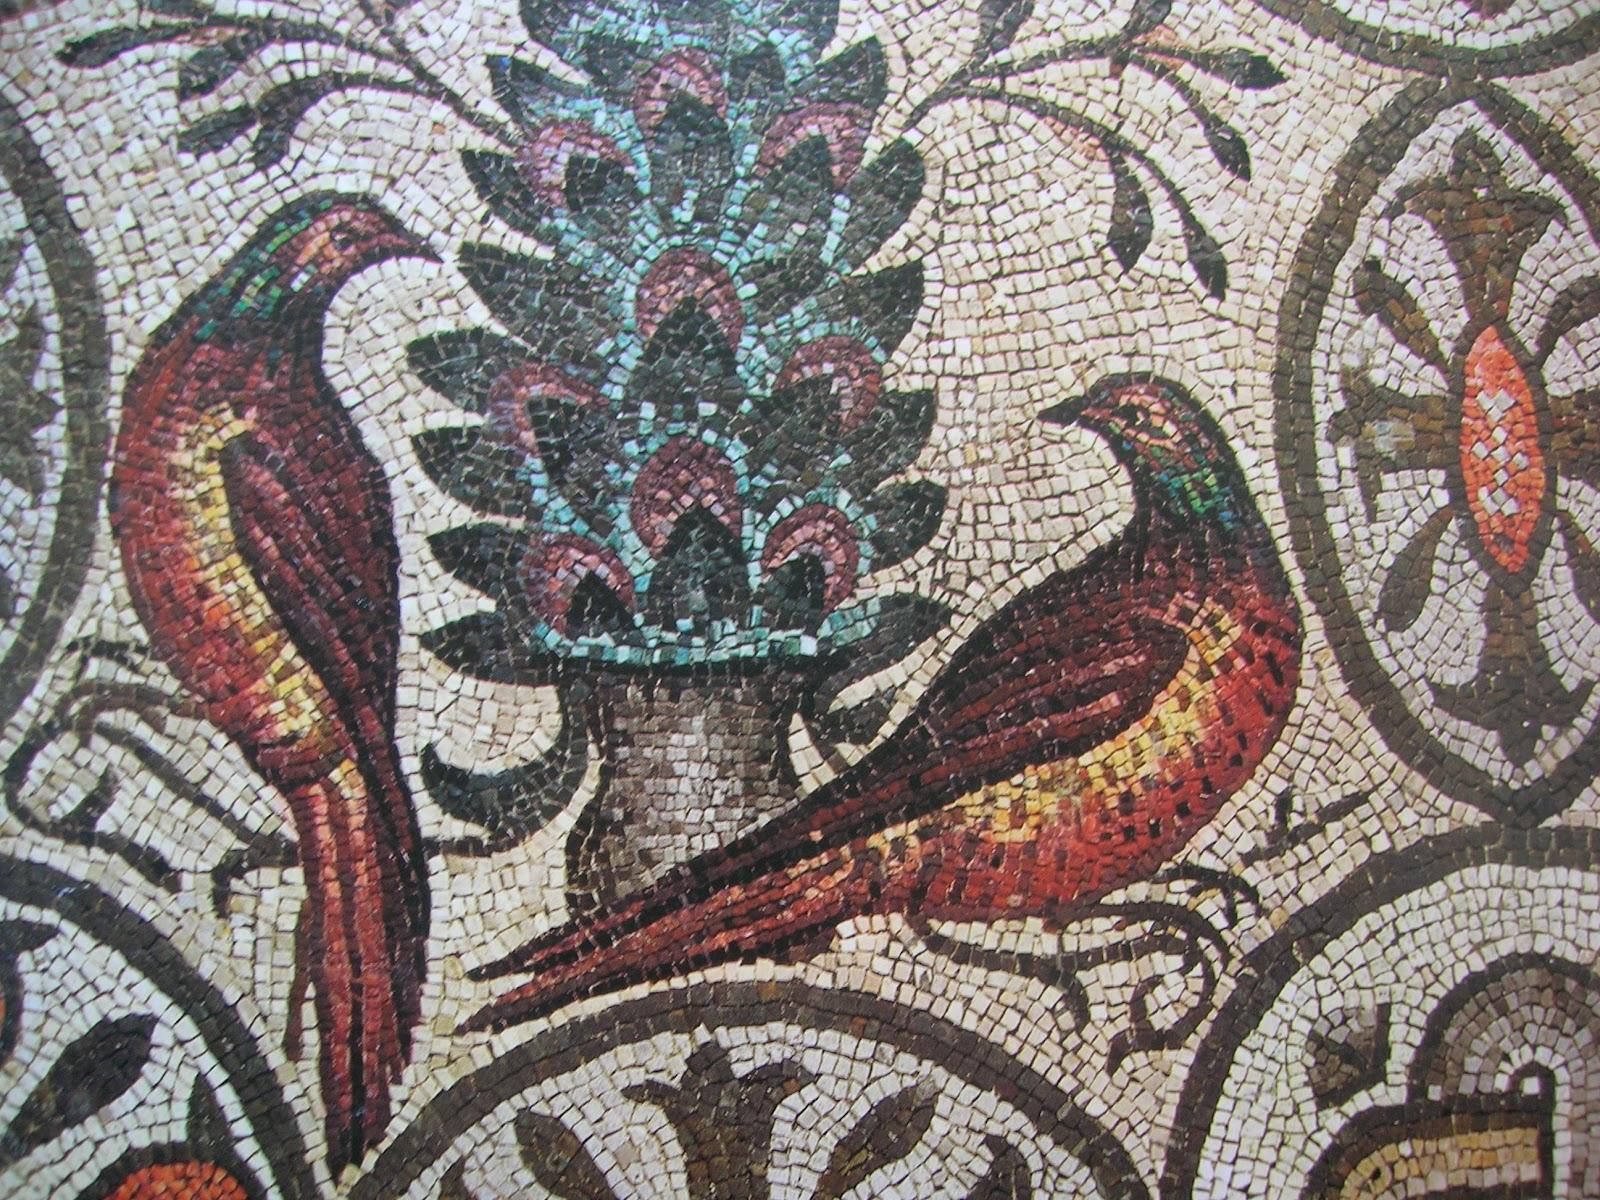 Historia del arte colegio la ense anza medellin pintura for El mural de mosaicos